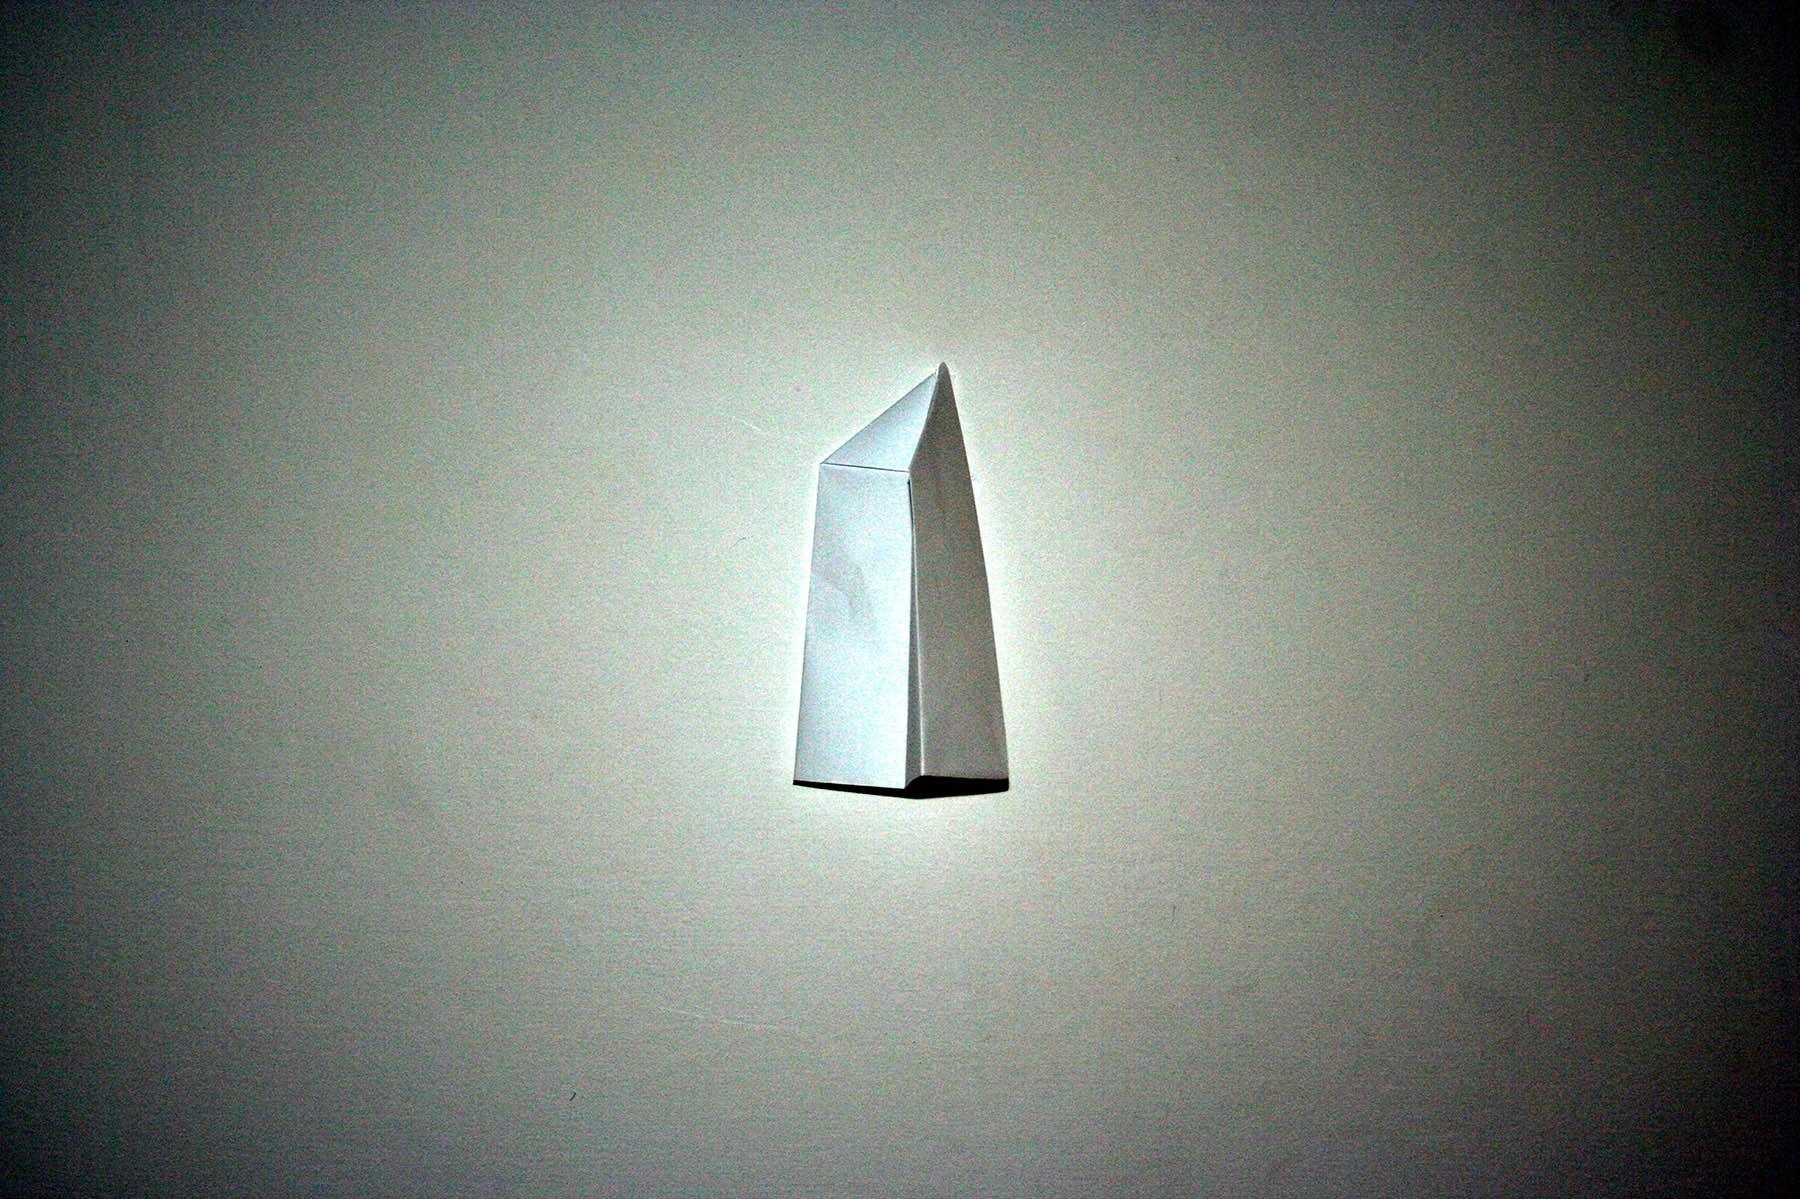 Anna Yam, Untitled, 2007, digital print, 40 x 60 cm